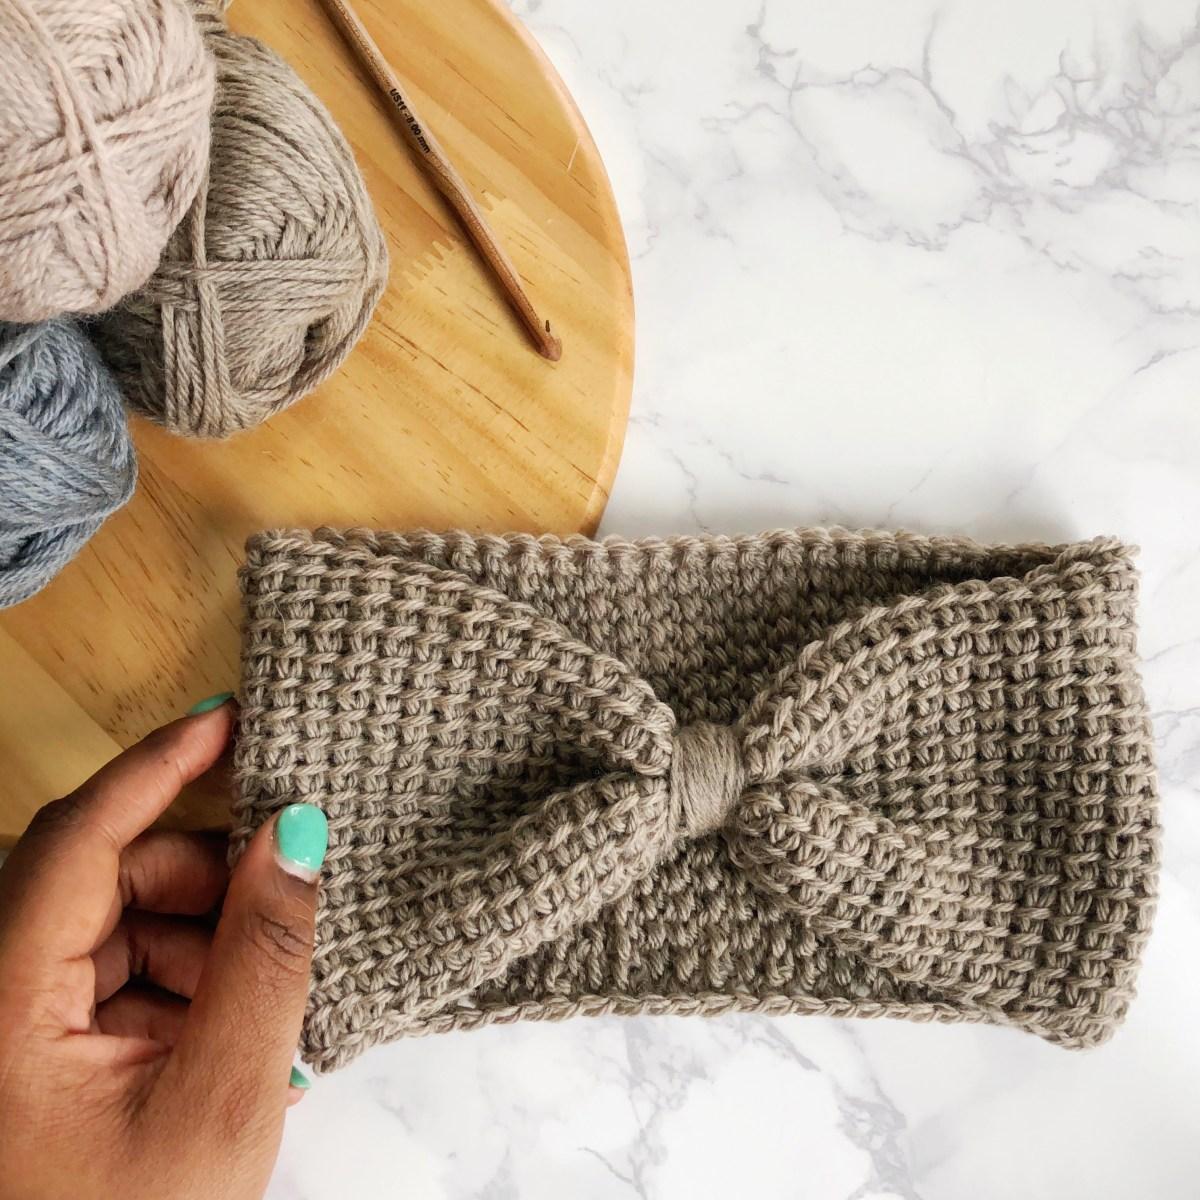 Ear Warmers Crochet Pattern Free Easy Tunisian Crochet Headband Pattern